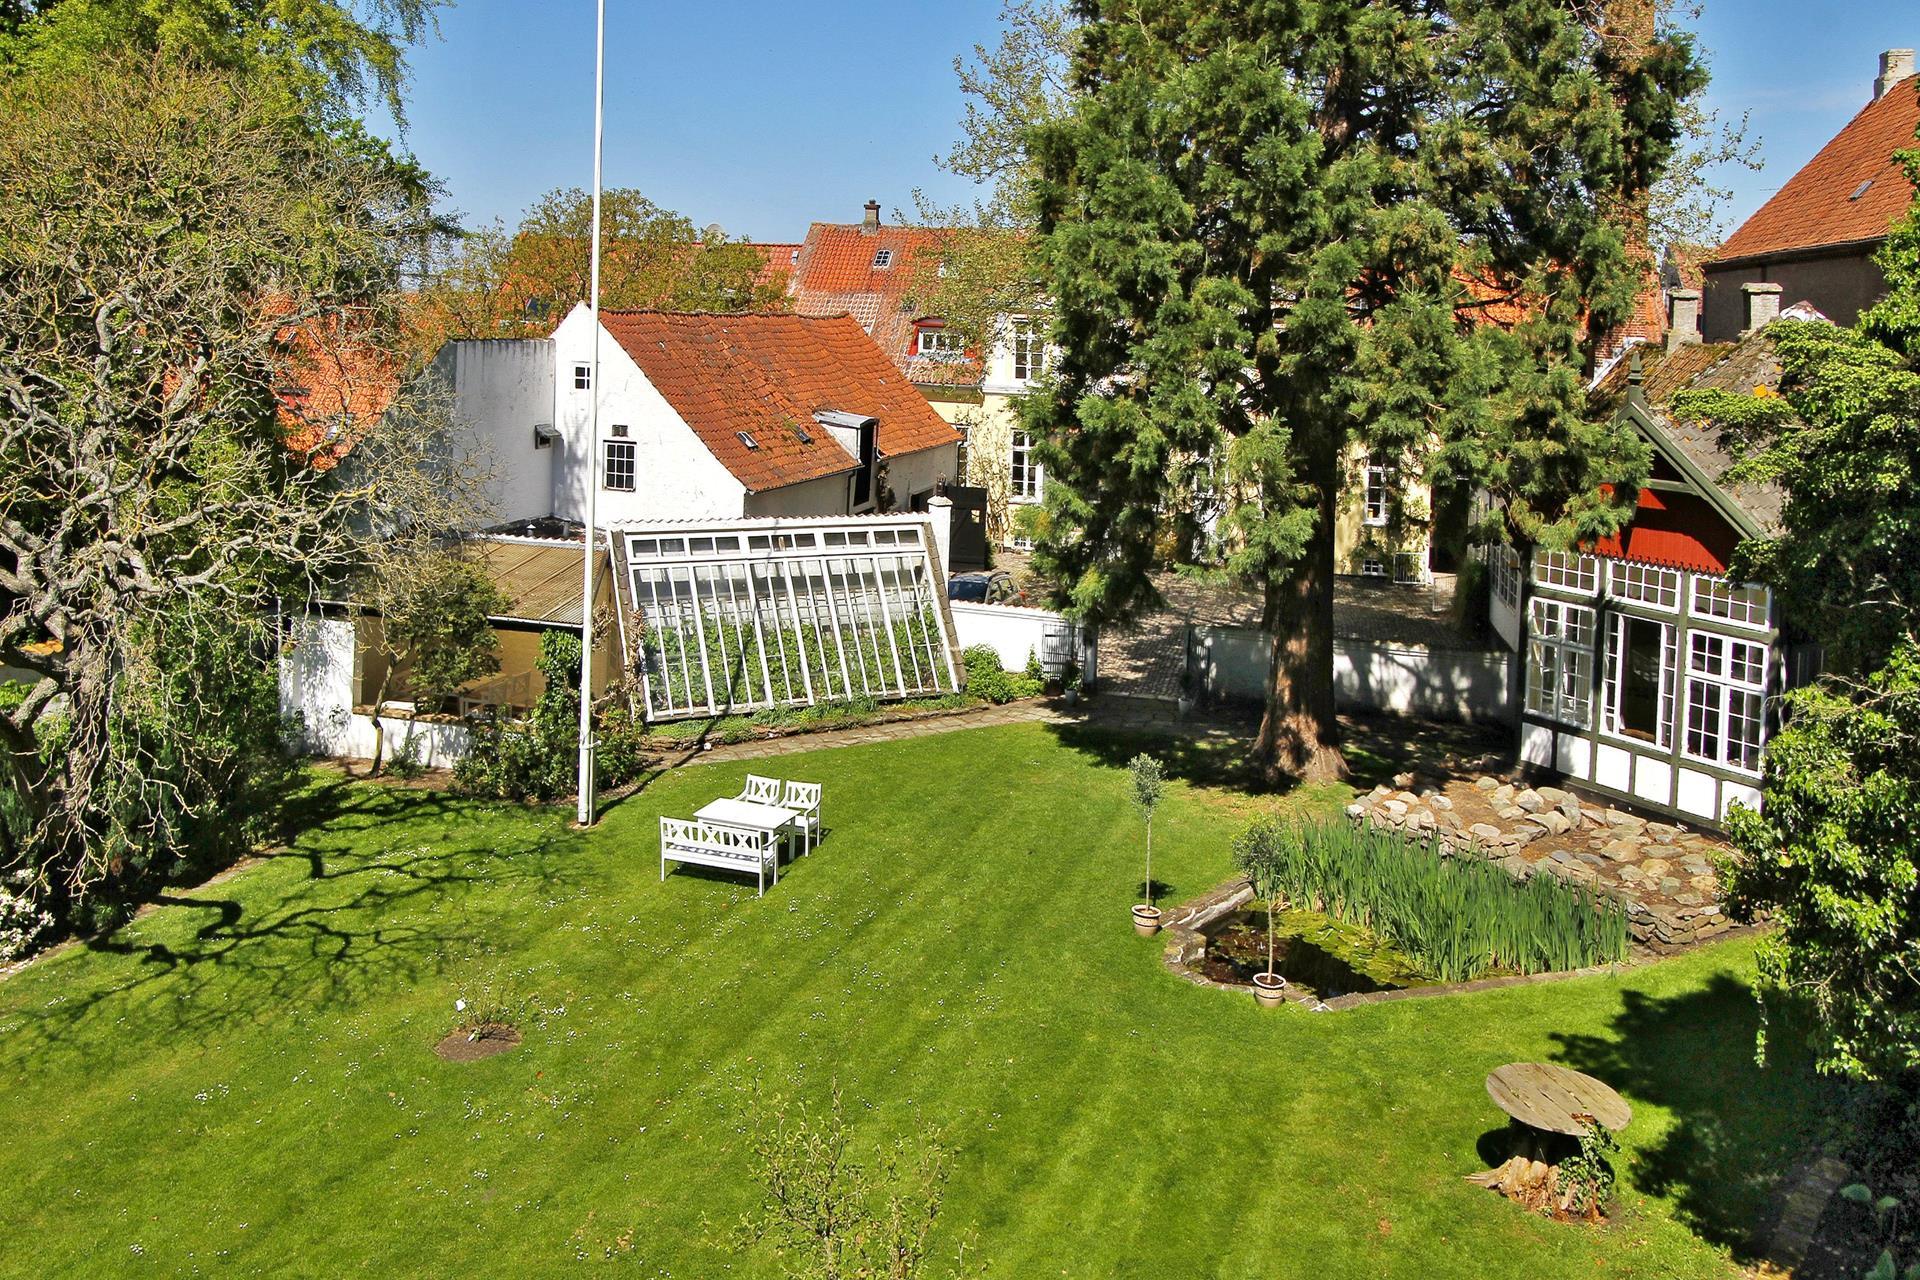 Bolig/erhverv på Brogade i Rudkøbing - Have